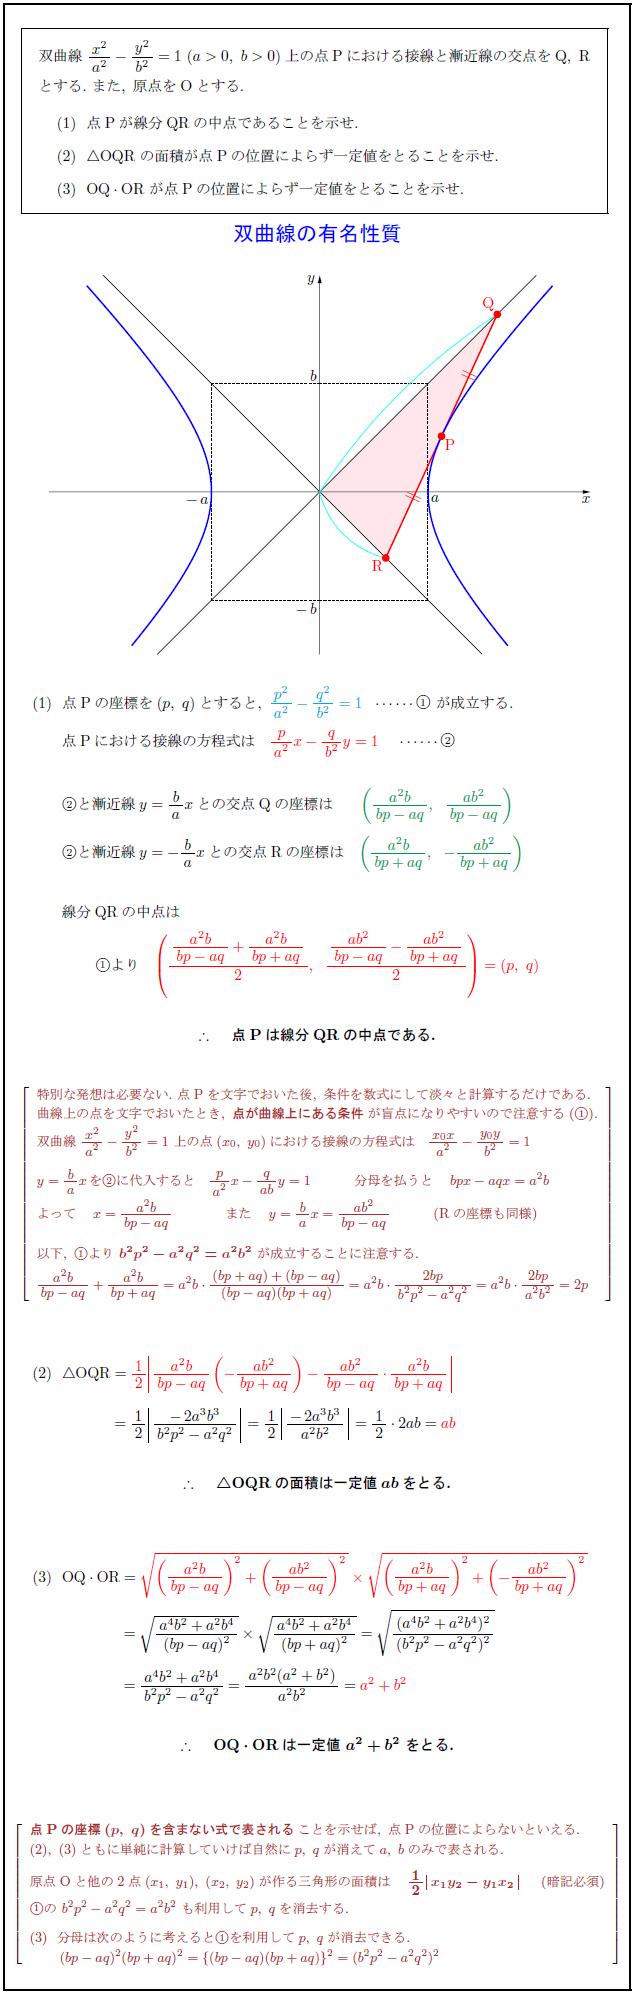 hyperbola-property